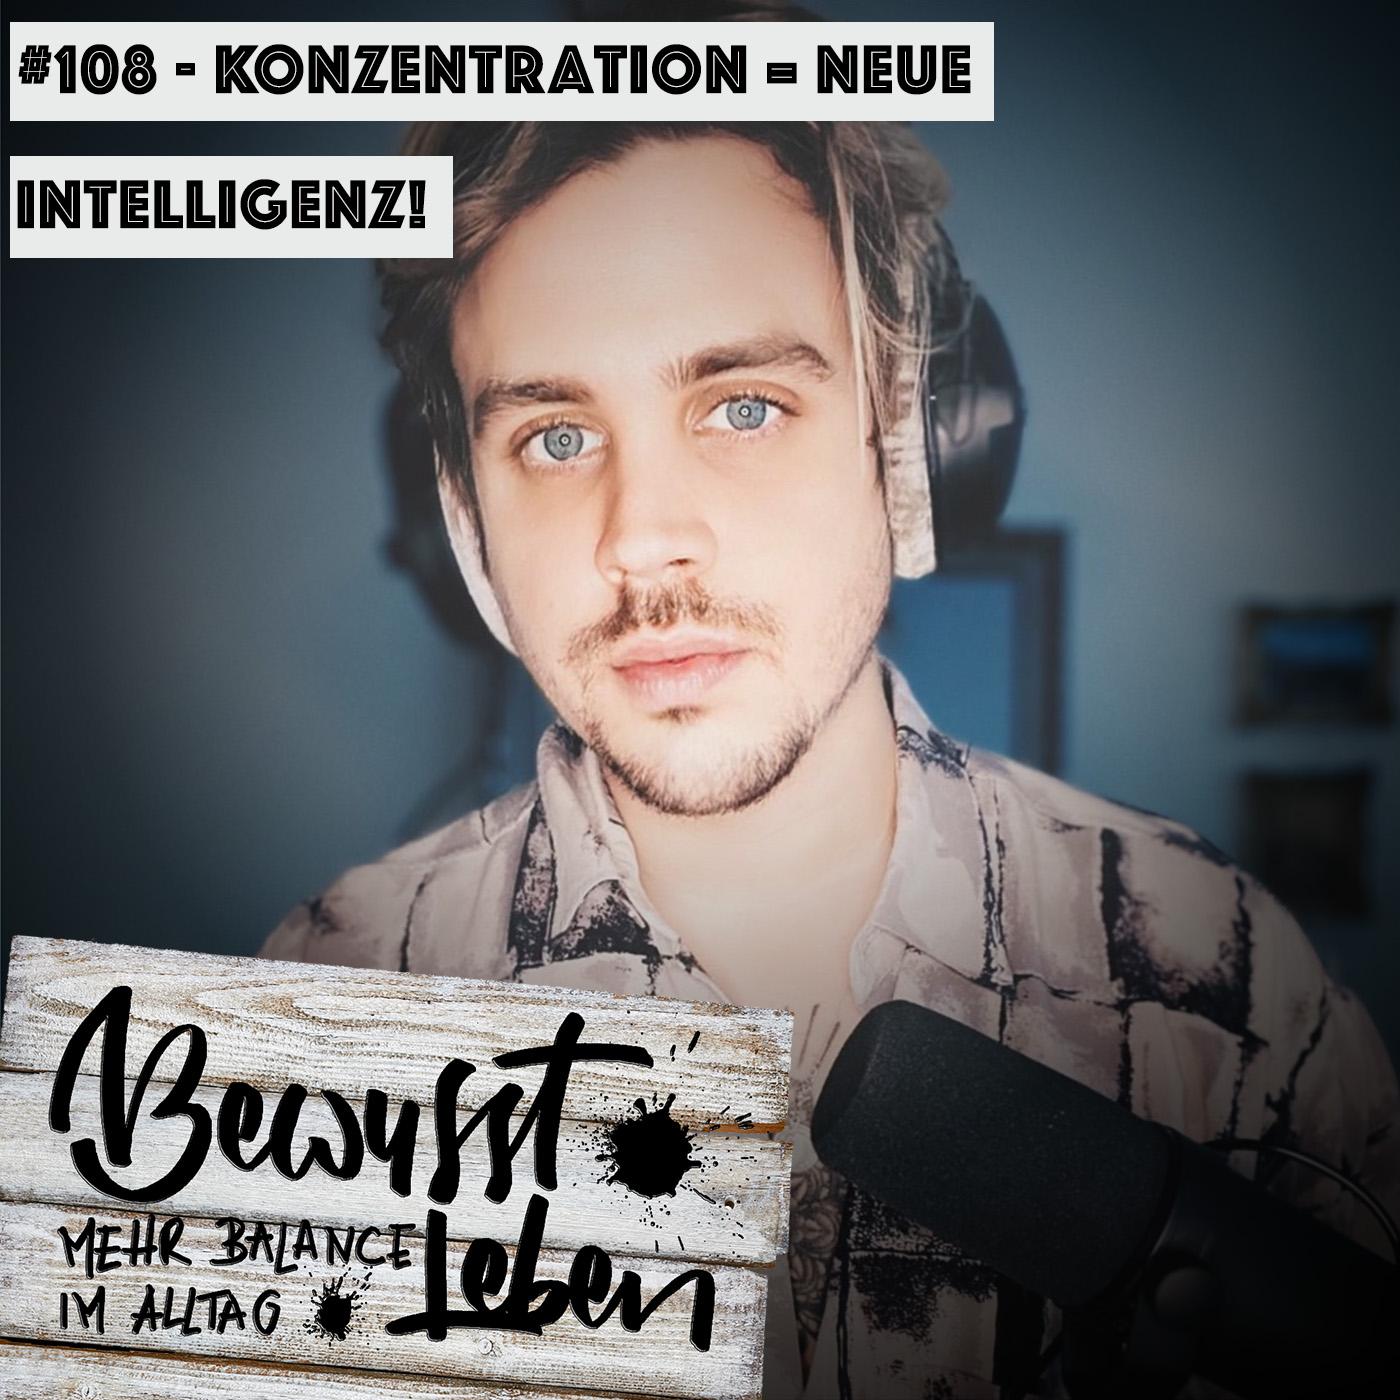 Konzentration = Neue Intelligenze